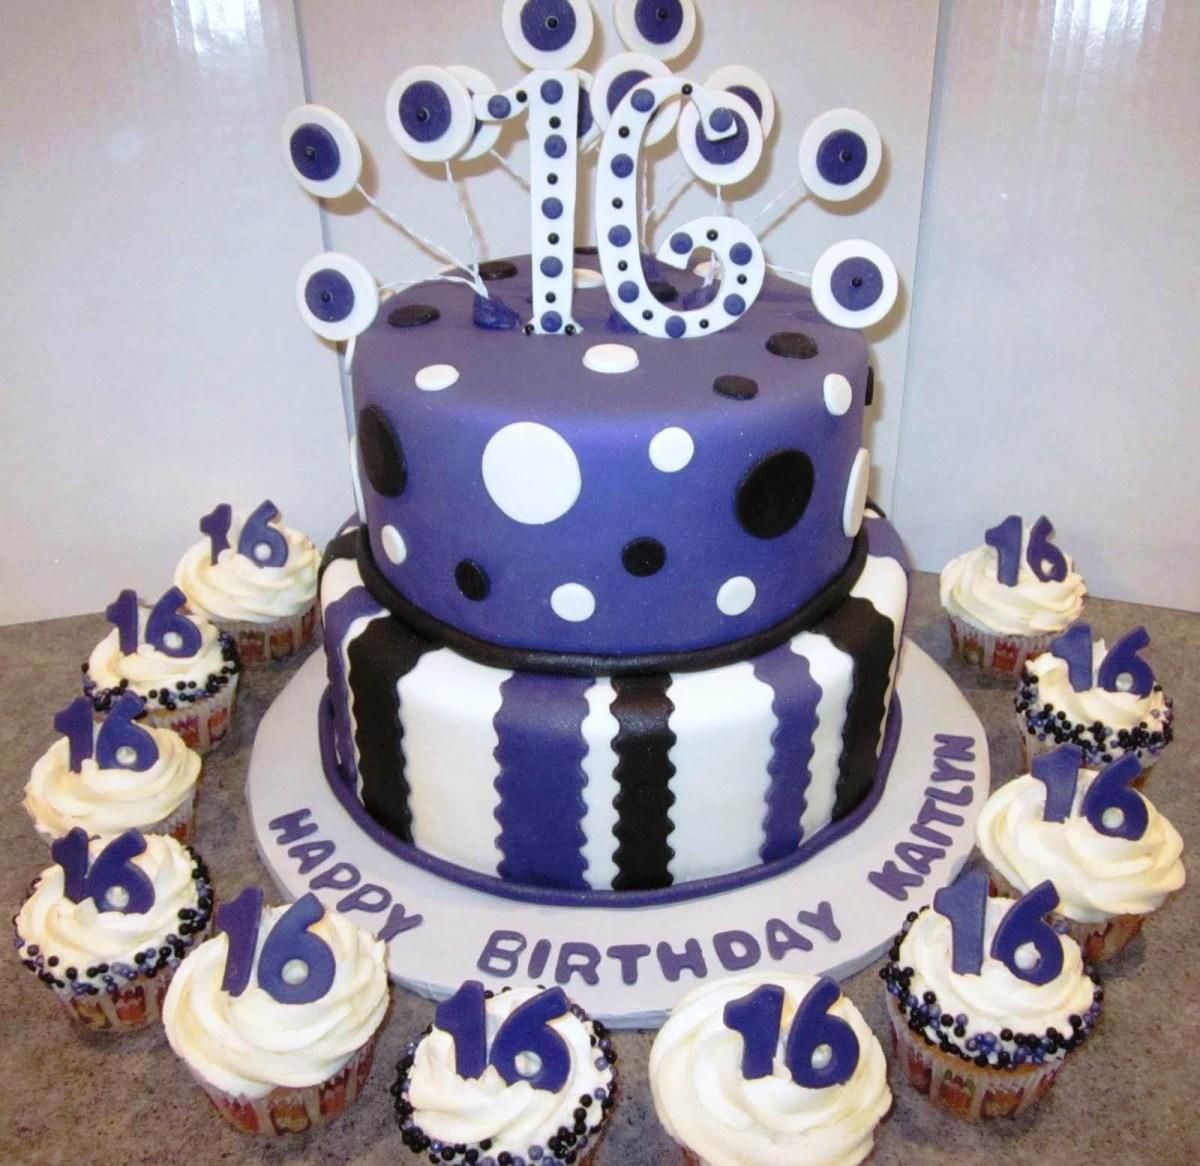 Superb Birthday Cake For Teenager Boy 16Th Birthday Cakes Ideas For Boys Funny Birthday Cards Online Alyptdamsfinfo